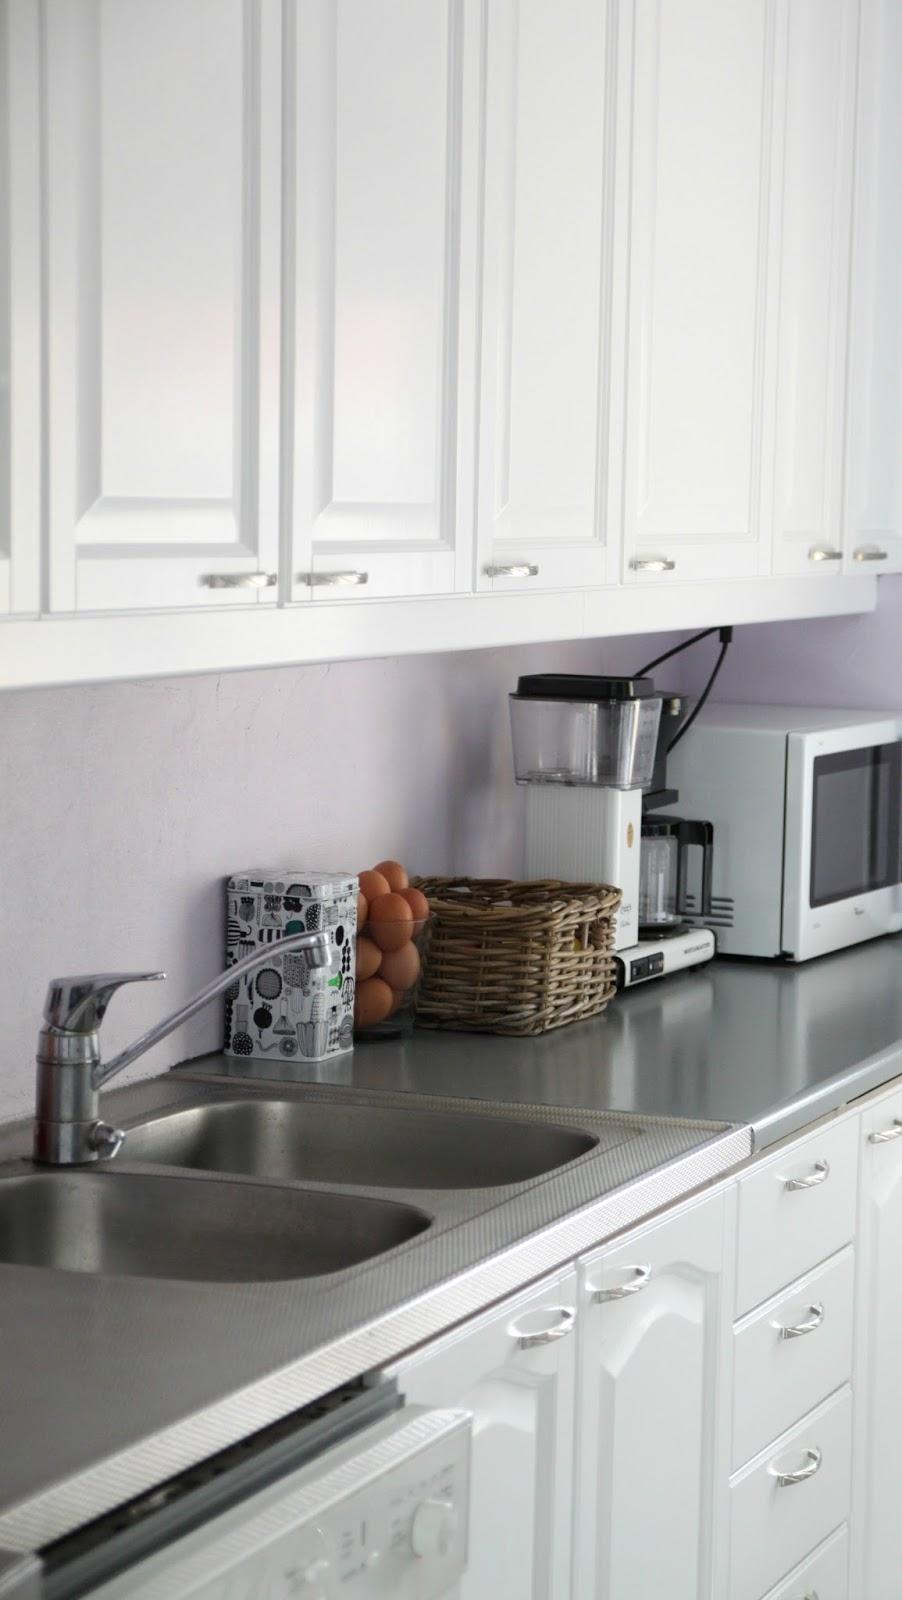 Rintamamiestalon keittiön pintaremontti  Marulla